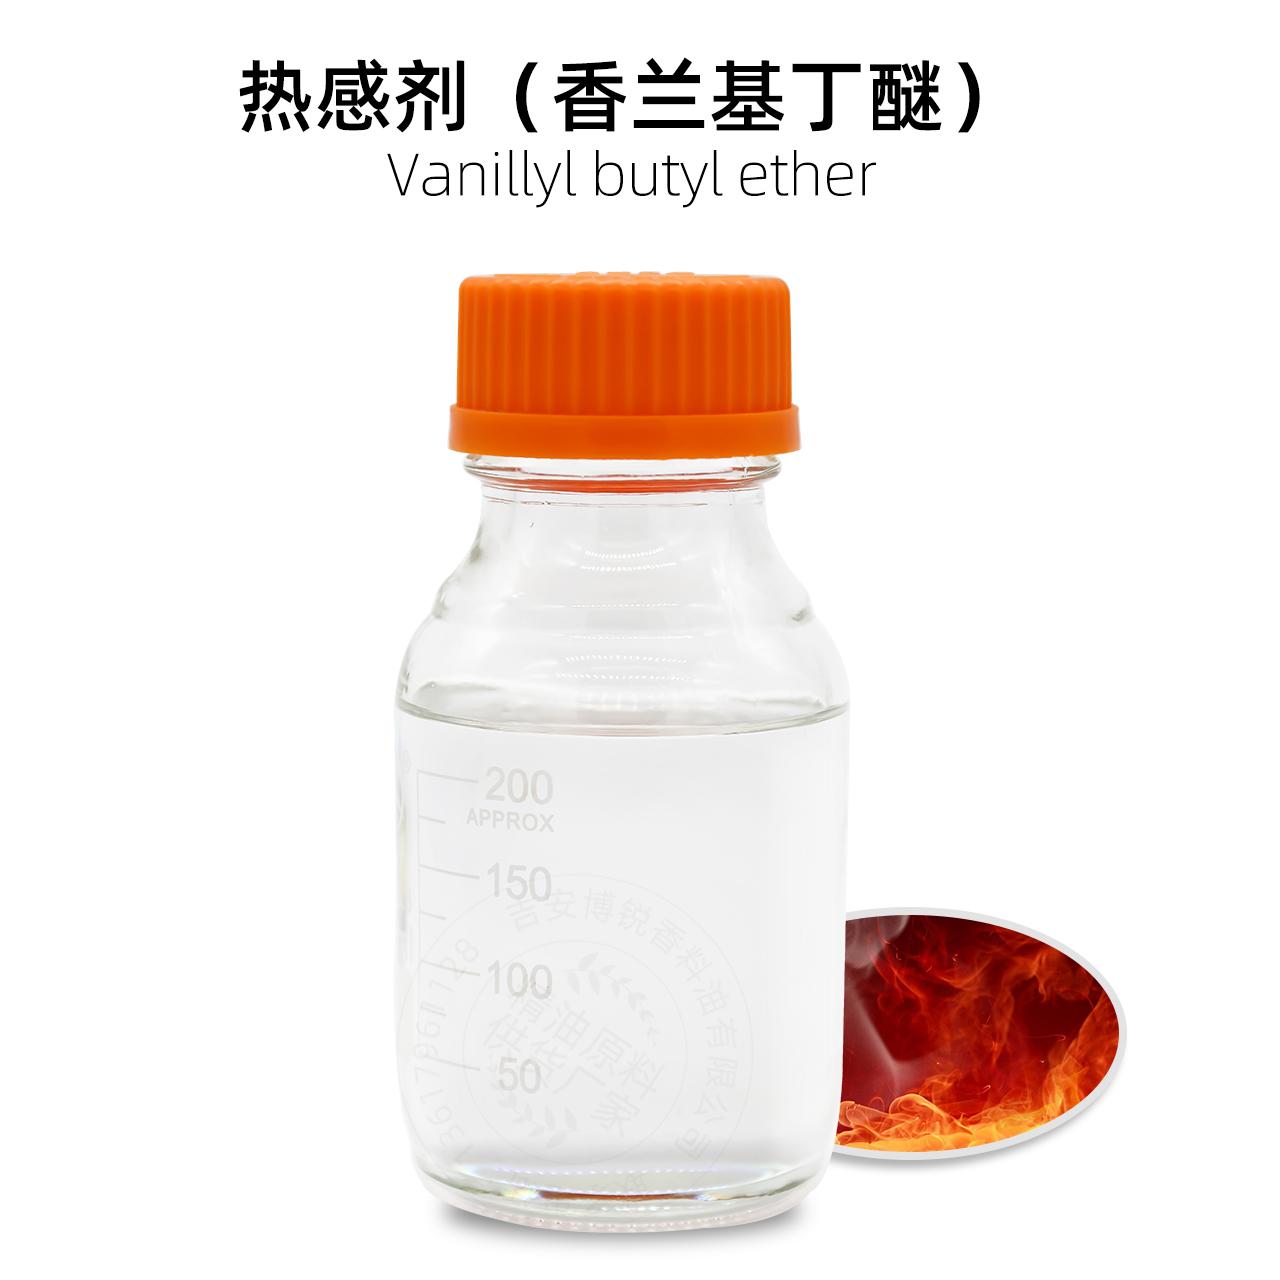 热感剂(香兰基丁醚)